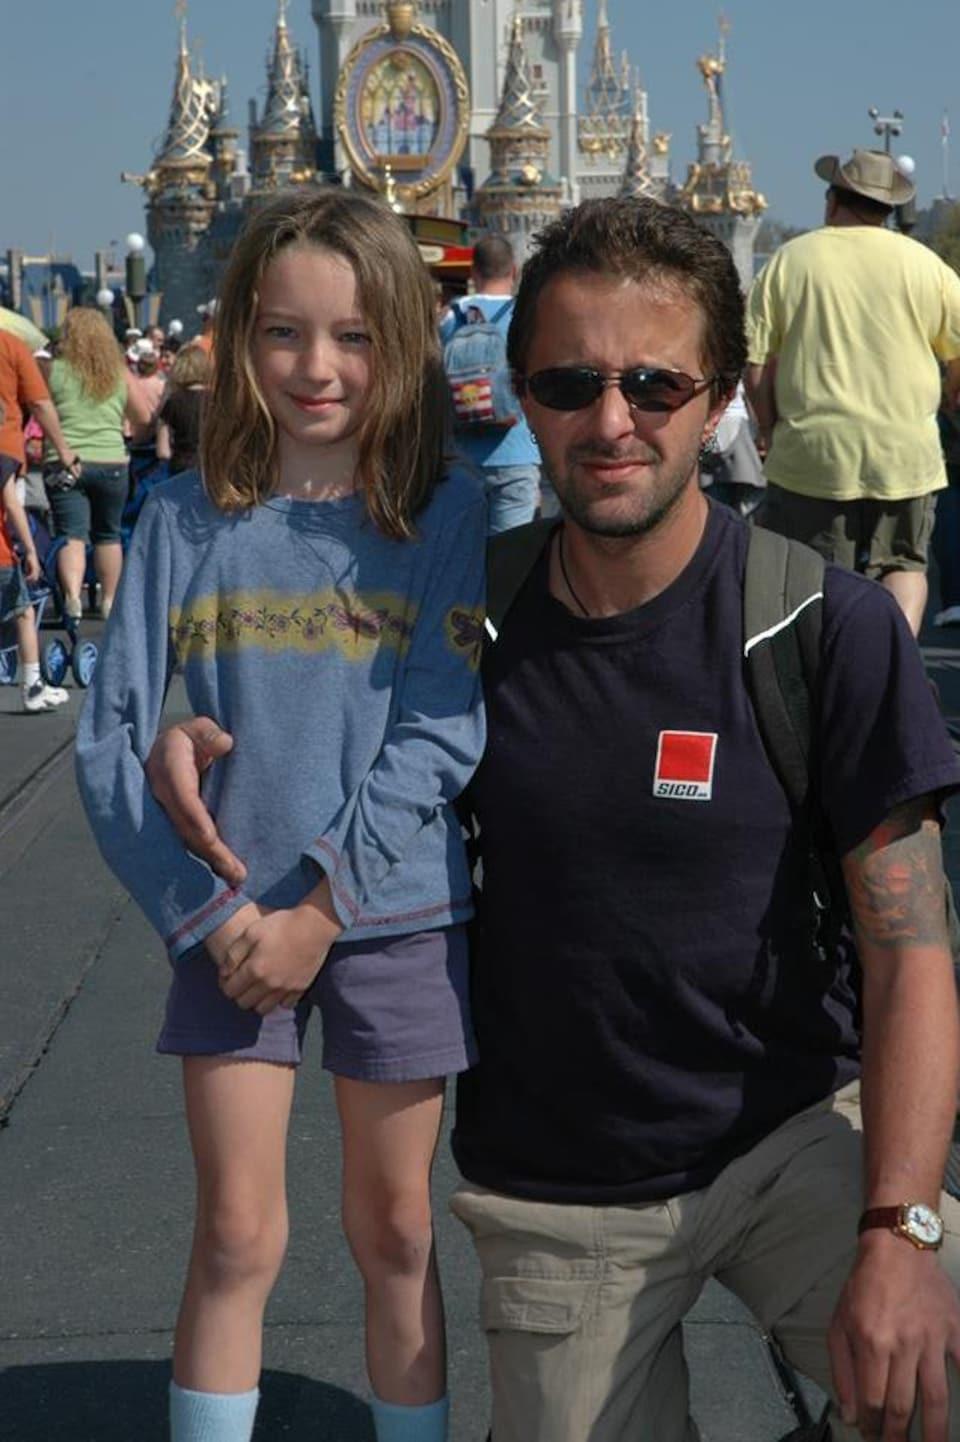 Jonathan Bernier et sa fille Aryanne Bernier lors d'un voyage à Walt Disney World.